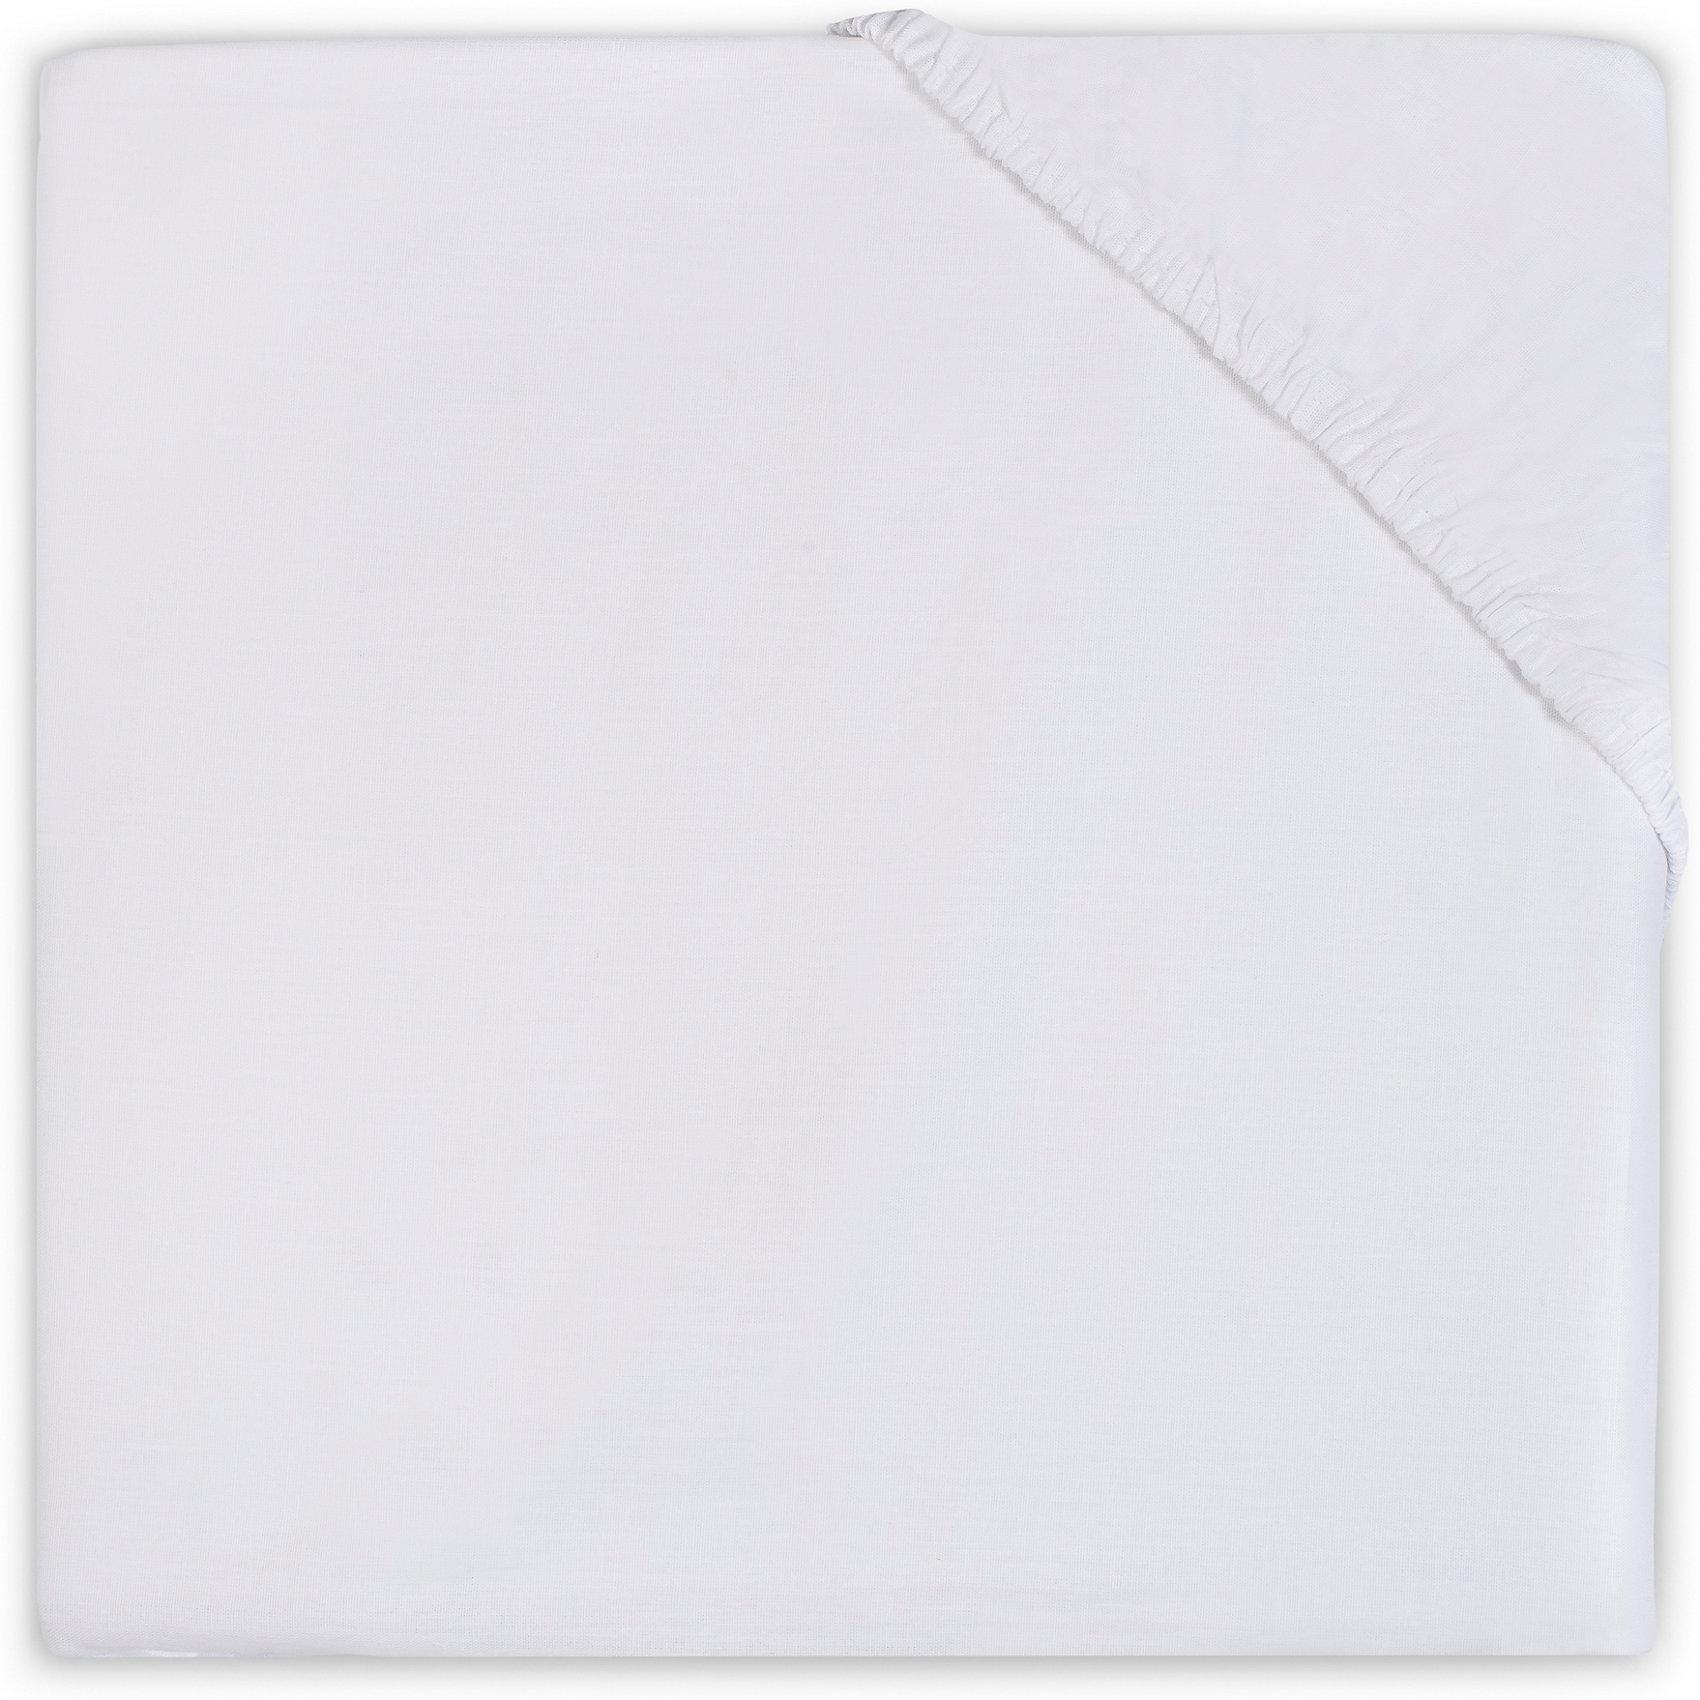 Простыня на резинке 70х140 см, Jollein, WhiteПостельное бельё<br>Характеристики:<br><br>• Вид детского текстиля: простыня на резинке<br>• Пол: универсальный<br>• Цвет: белый<br>• Тематика рисунка: без рисунка<br>• Материал: 82% хлопок (джерси), 18% эластан<br>• Размер: 70*140 см<br>• Вес: 300 г<br>• Особенности ухода: машинная или ручная стирка при температуре не более 60 градусов<br><br>Простыня на резинке 70х140 см, Jollein, White от торговой марки Жолляйн, которая является признанным лидером среди аналогичных брендов, выпускающих детское постельное белье и текстиль для новорожденных. Продукция этого торгового бренда отличается высоким качеством и дизайнерским стилем. <br><br>Простыня выполнена из джерси, который обладает не только высокими гигиеническими и гигроскопическими свойствами, но и придает изделию эластичность и повышенную мягкость. Легко стирается и быстро высыхает. Простыня на резинке плотно и хорошо садится на матрасик, что препятствует ее сбиванию и образованию складок, даже если ребенок спит неспокойно. <br><br>Простынь выполнена в однотонном цвете, поэтому она подойдет к любому комплекту постельного белья. Простыня на резинке 70х140 см, Jollein, White – это стиль и качество для сладких сновидений вашего малыша!<br><br>Простыню на резинке 70х140 см, Jollein, White можно купить в нашем интернет-магазине.<br><br>Ширина мм: 200<br>Глубина мм: 230<br>Высота мм: 30<br>Вес г: 285<br>Возраст от месяцев: 0<br>Возраст до месяцев: 36<br>Пол: Унисекс<br>Возраст: Детский<br>SKU: 5367128